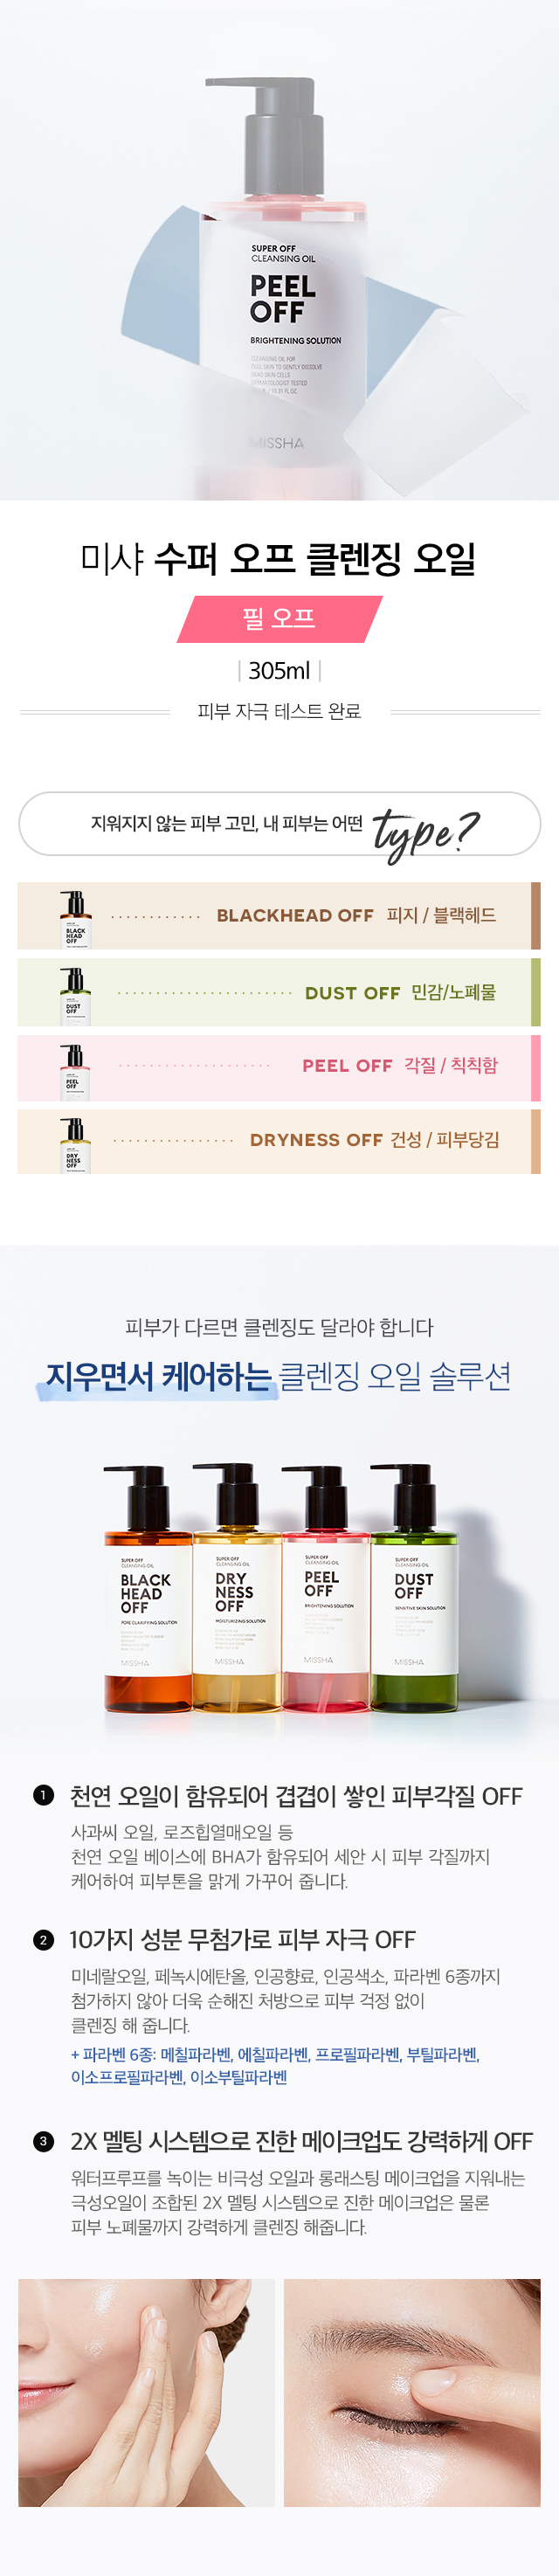 Dầu Tẩy Trang MISSHA Super Off Cleasing Oil - Peel Off 305ml